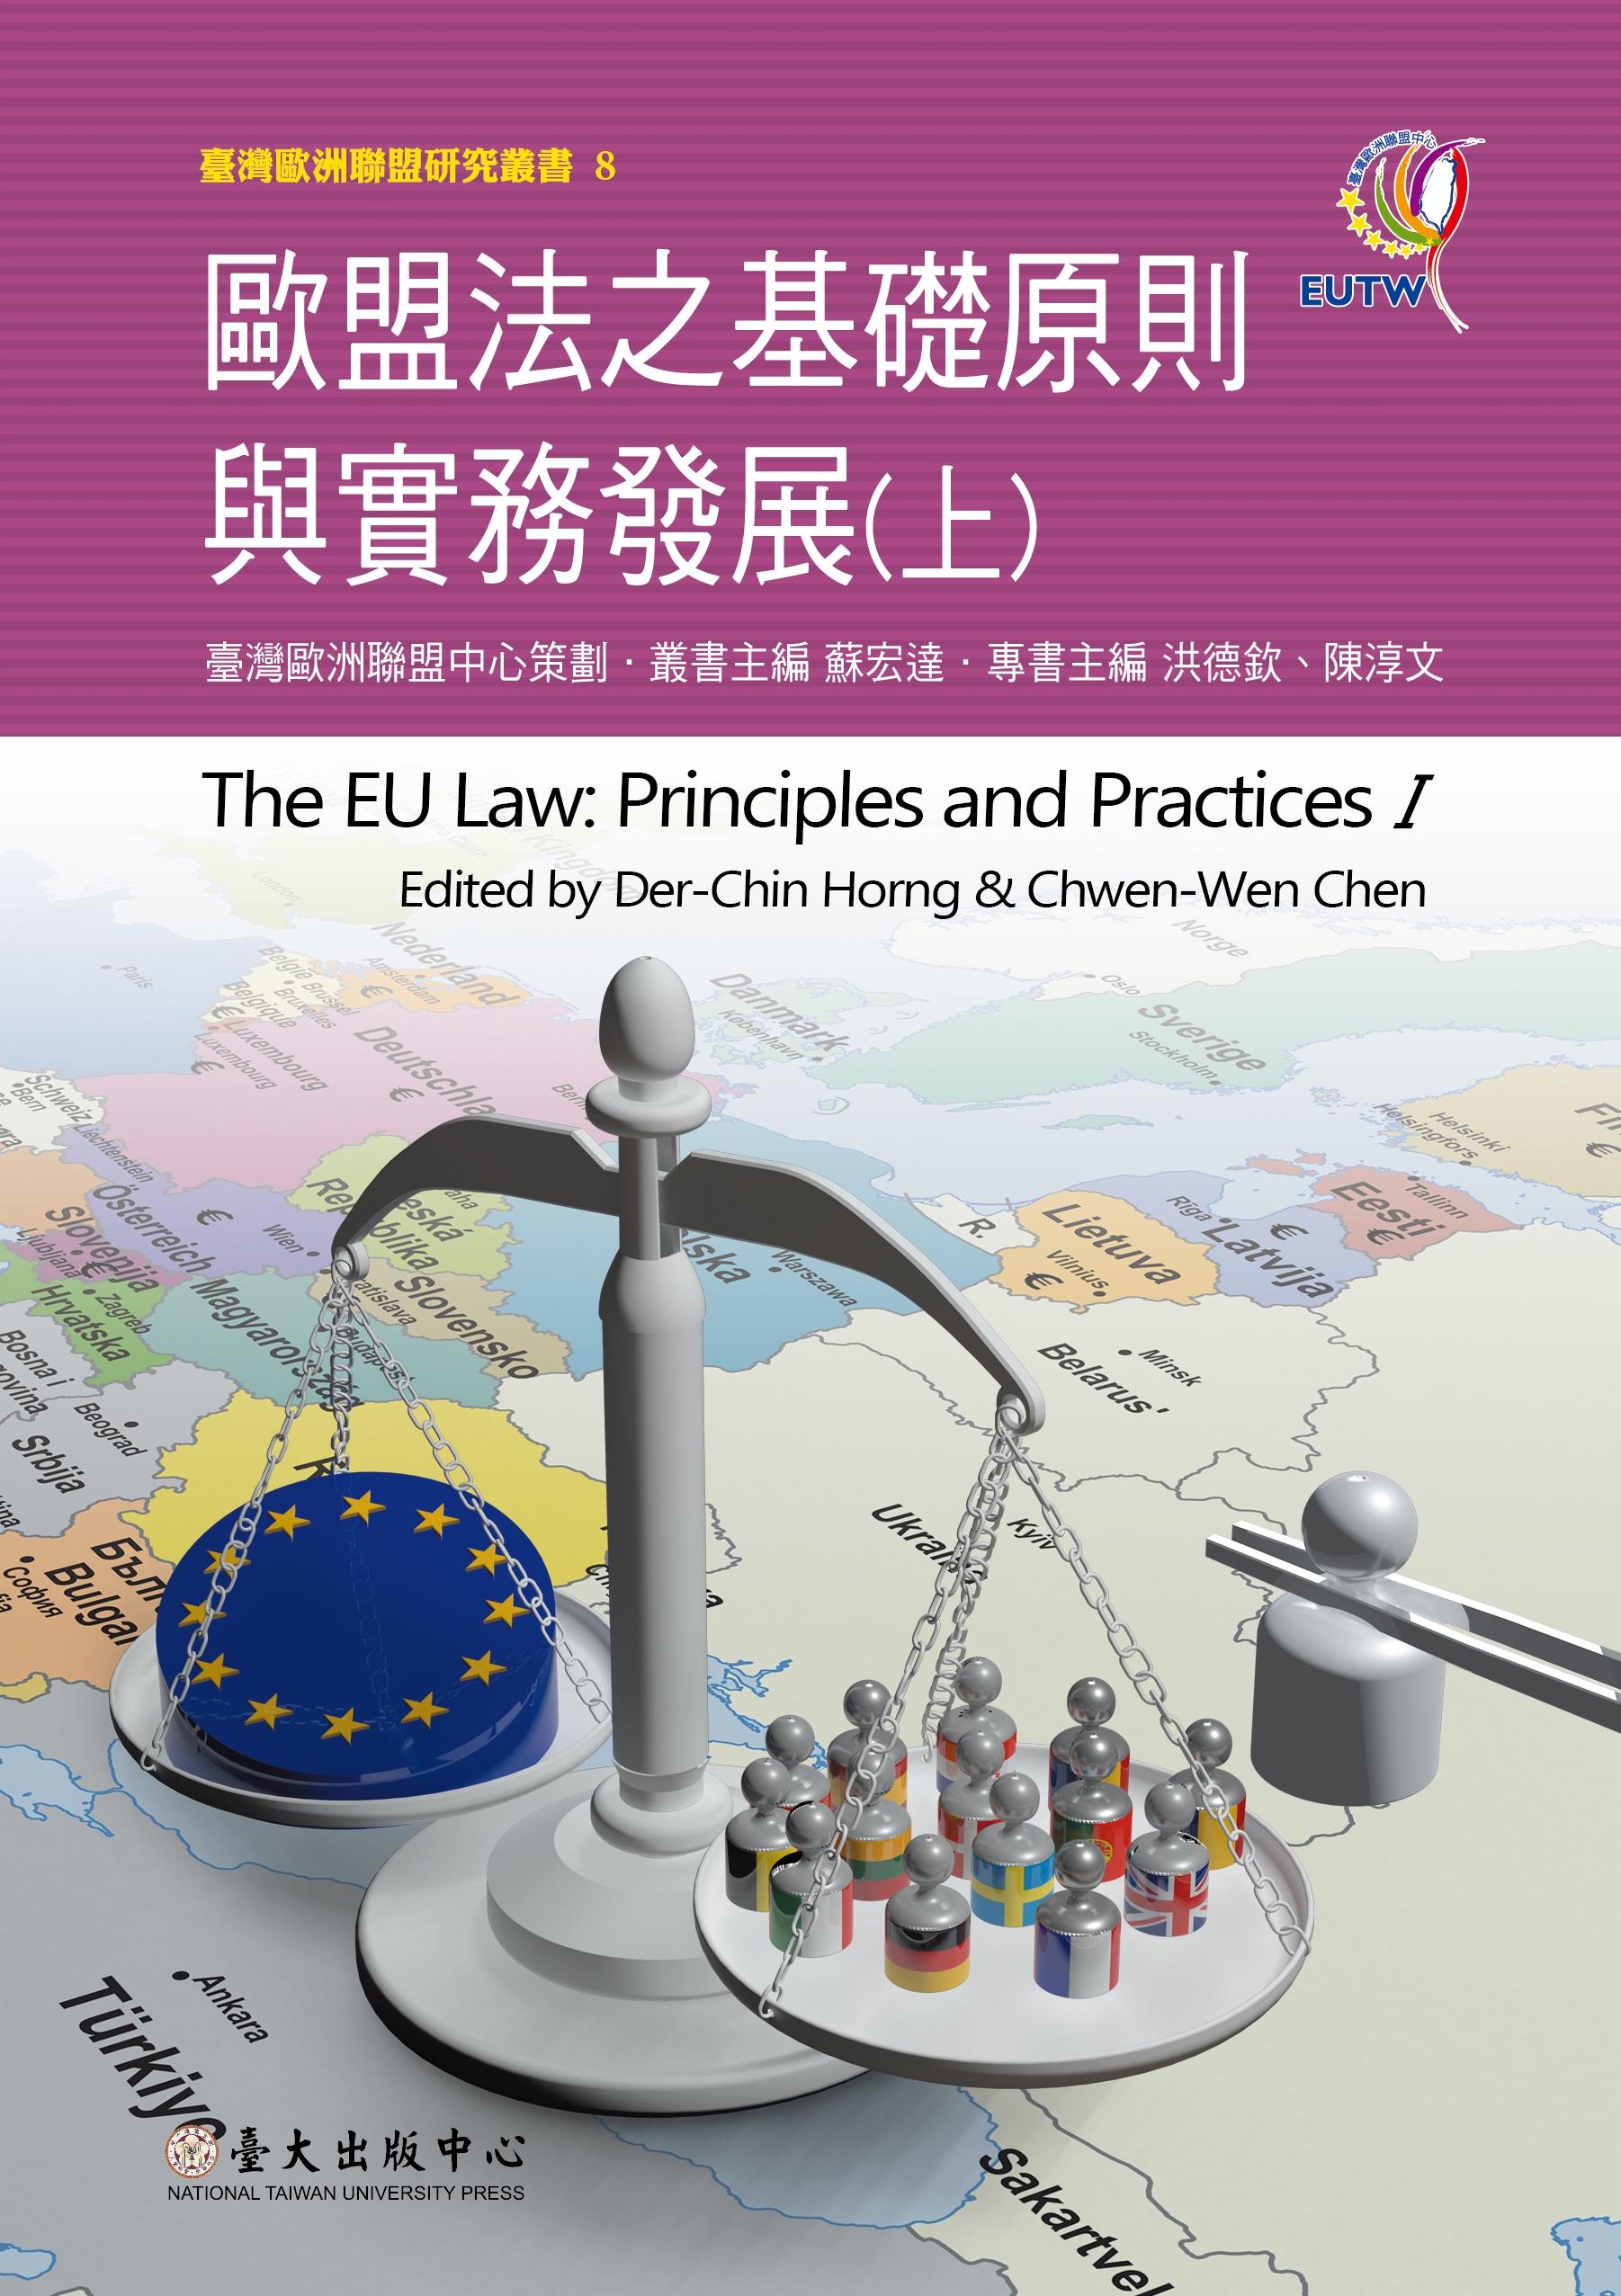 歐盟法之基礎原則與實務發展 (上) (下) The EU Law: Principles and Practices I / II